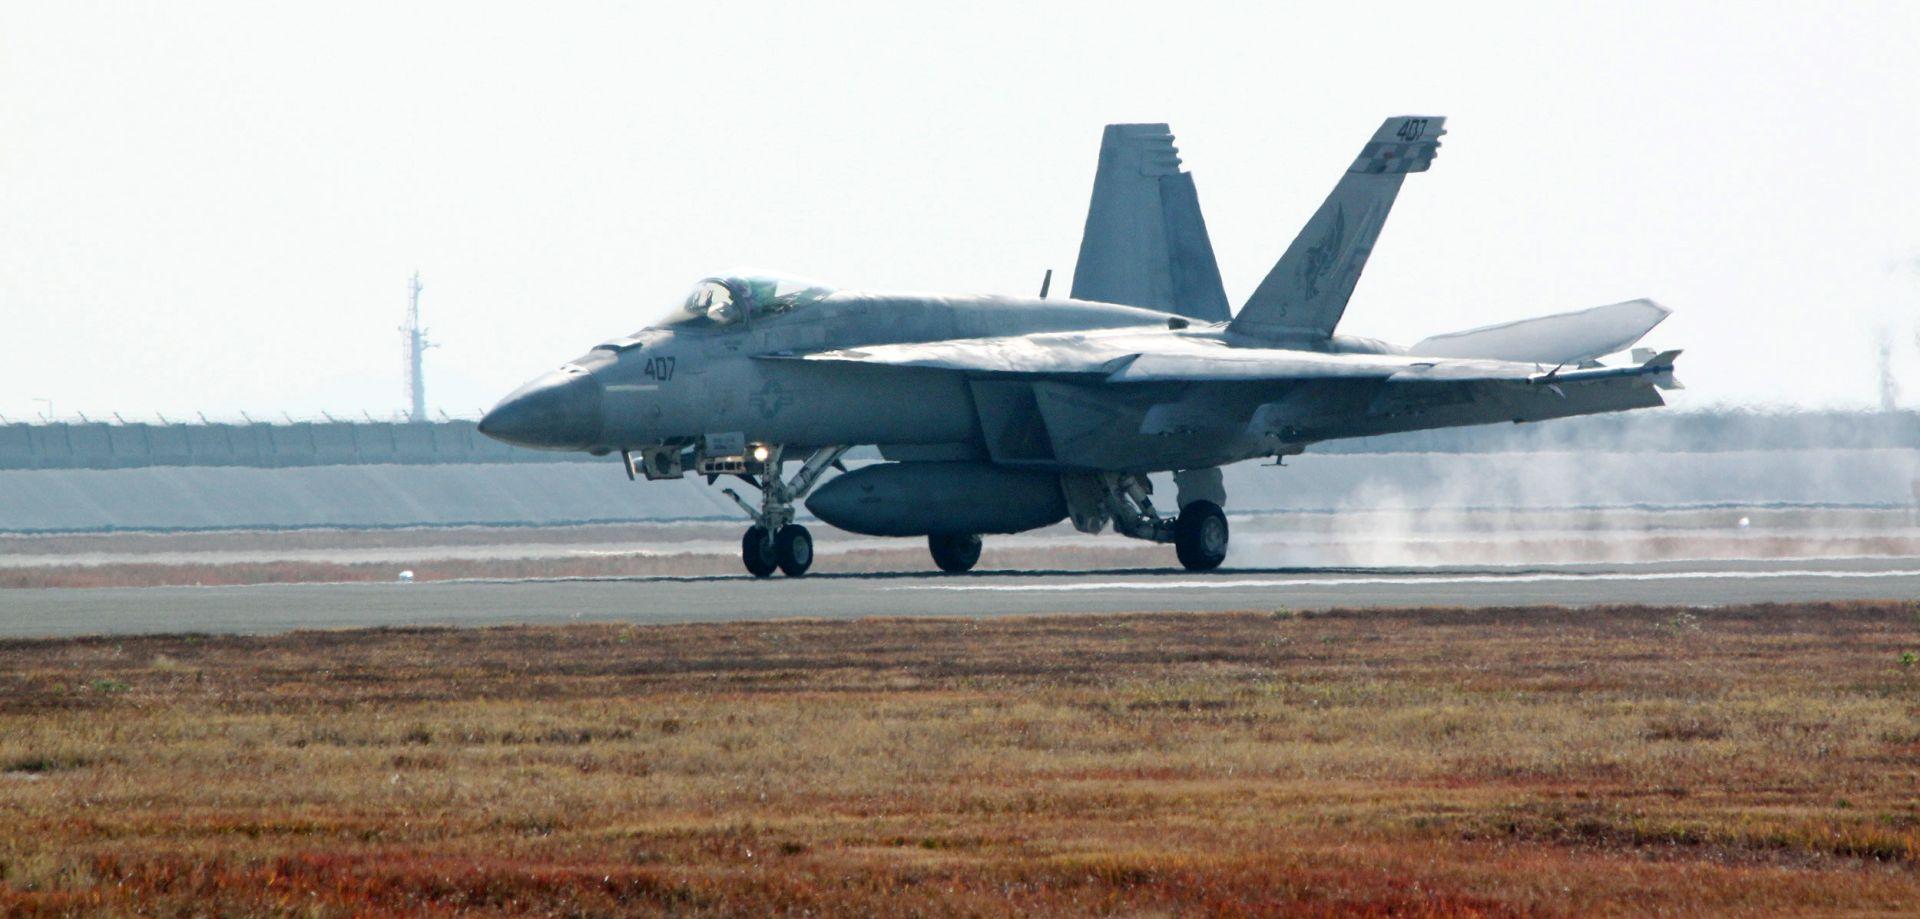 Potraga za američkim marincima nakon sudara aviona u zraku